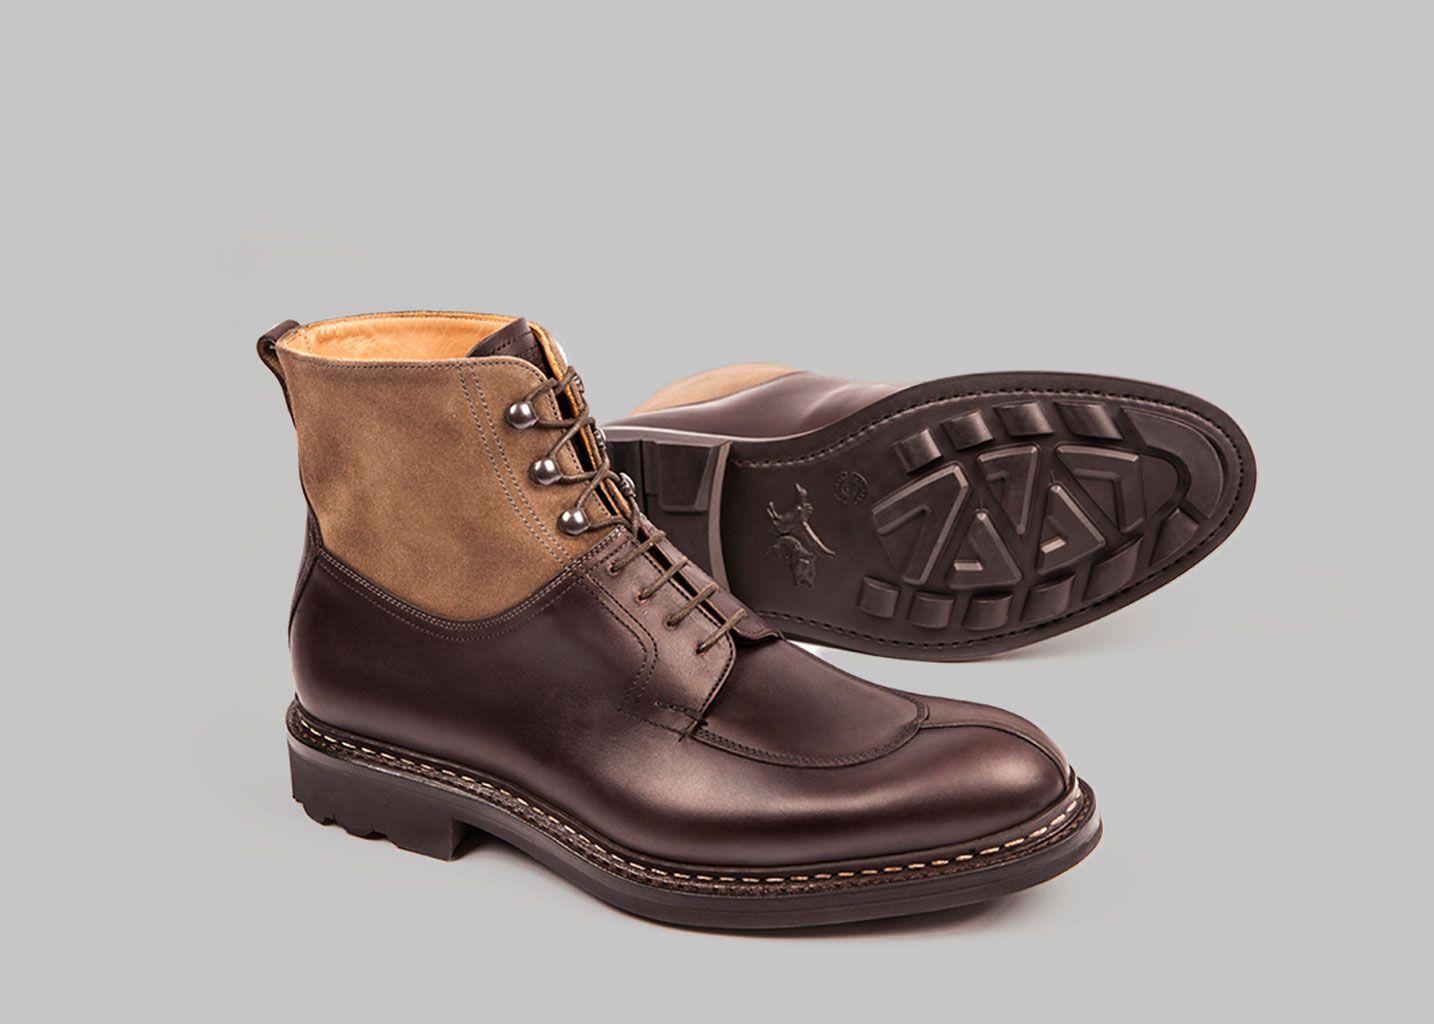 Heschung Homme heschung ginkgo cuir grainé Gris - Chaussures Boot Homme